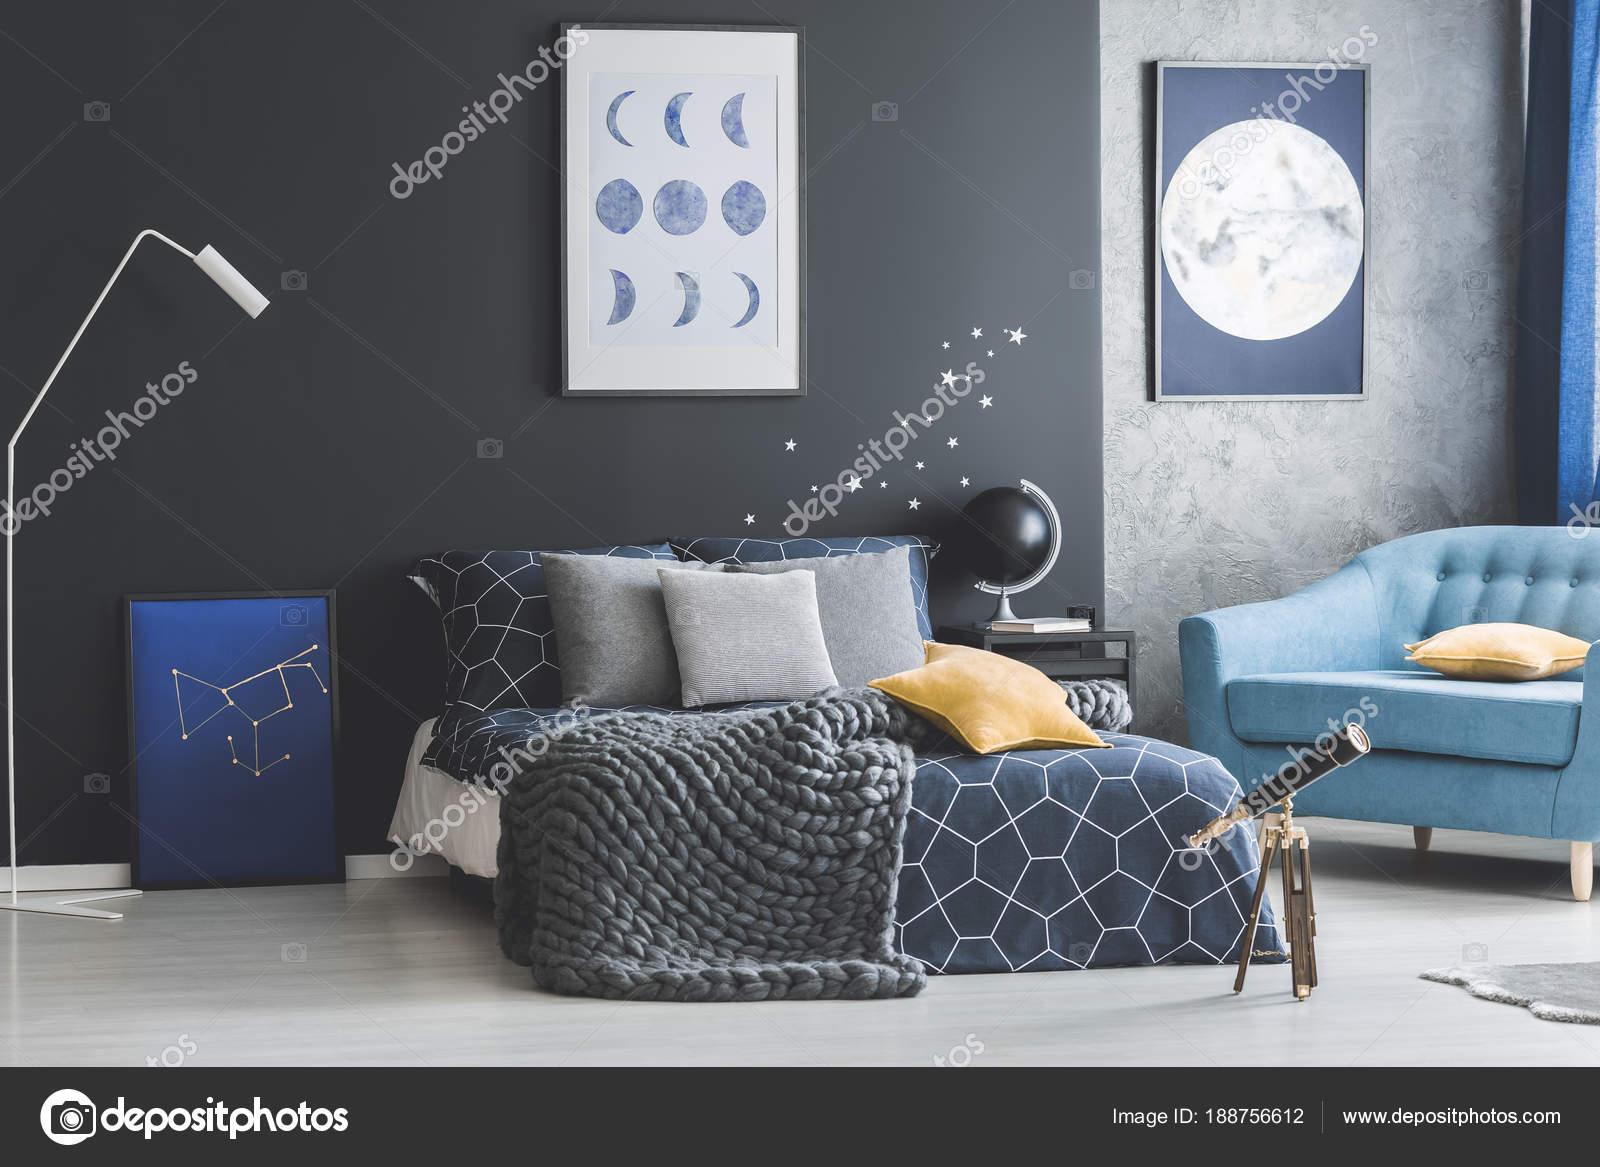 Wonderful Dunkles Schlafzimmer Innenraum Mit Posteru2013 Stockbild